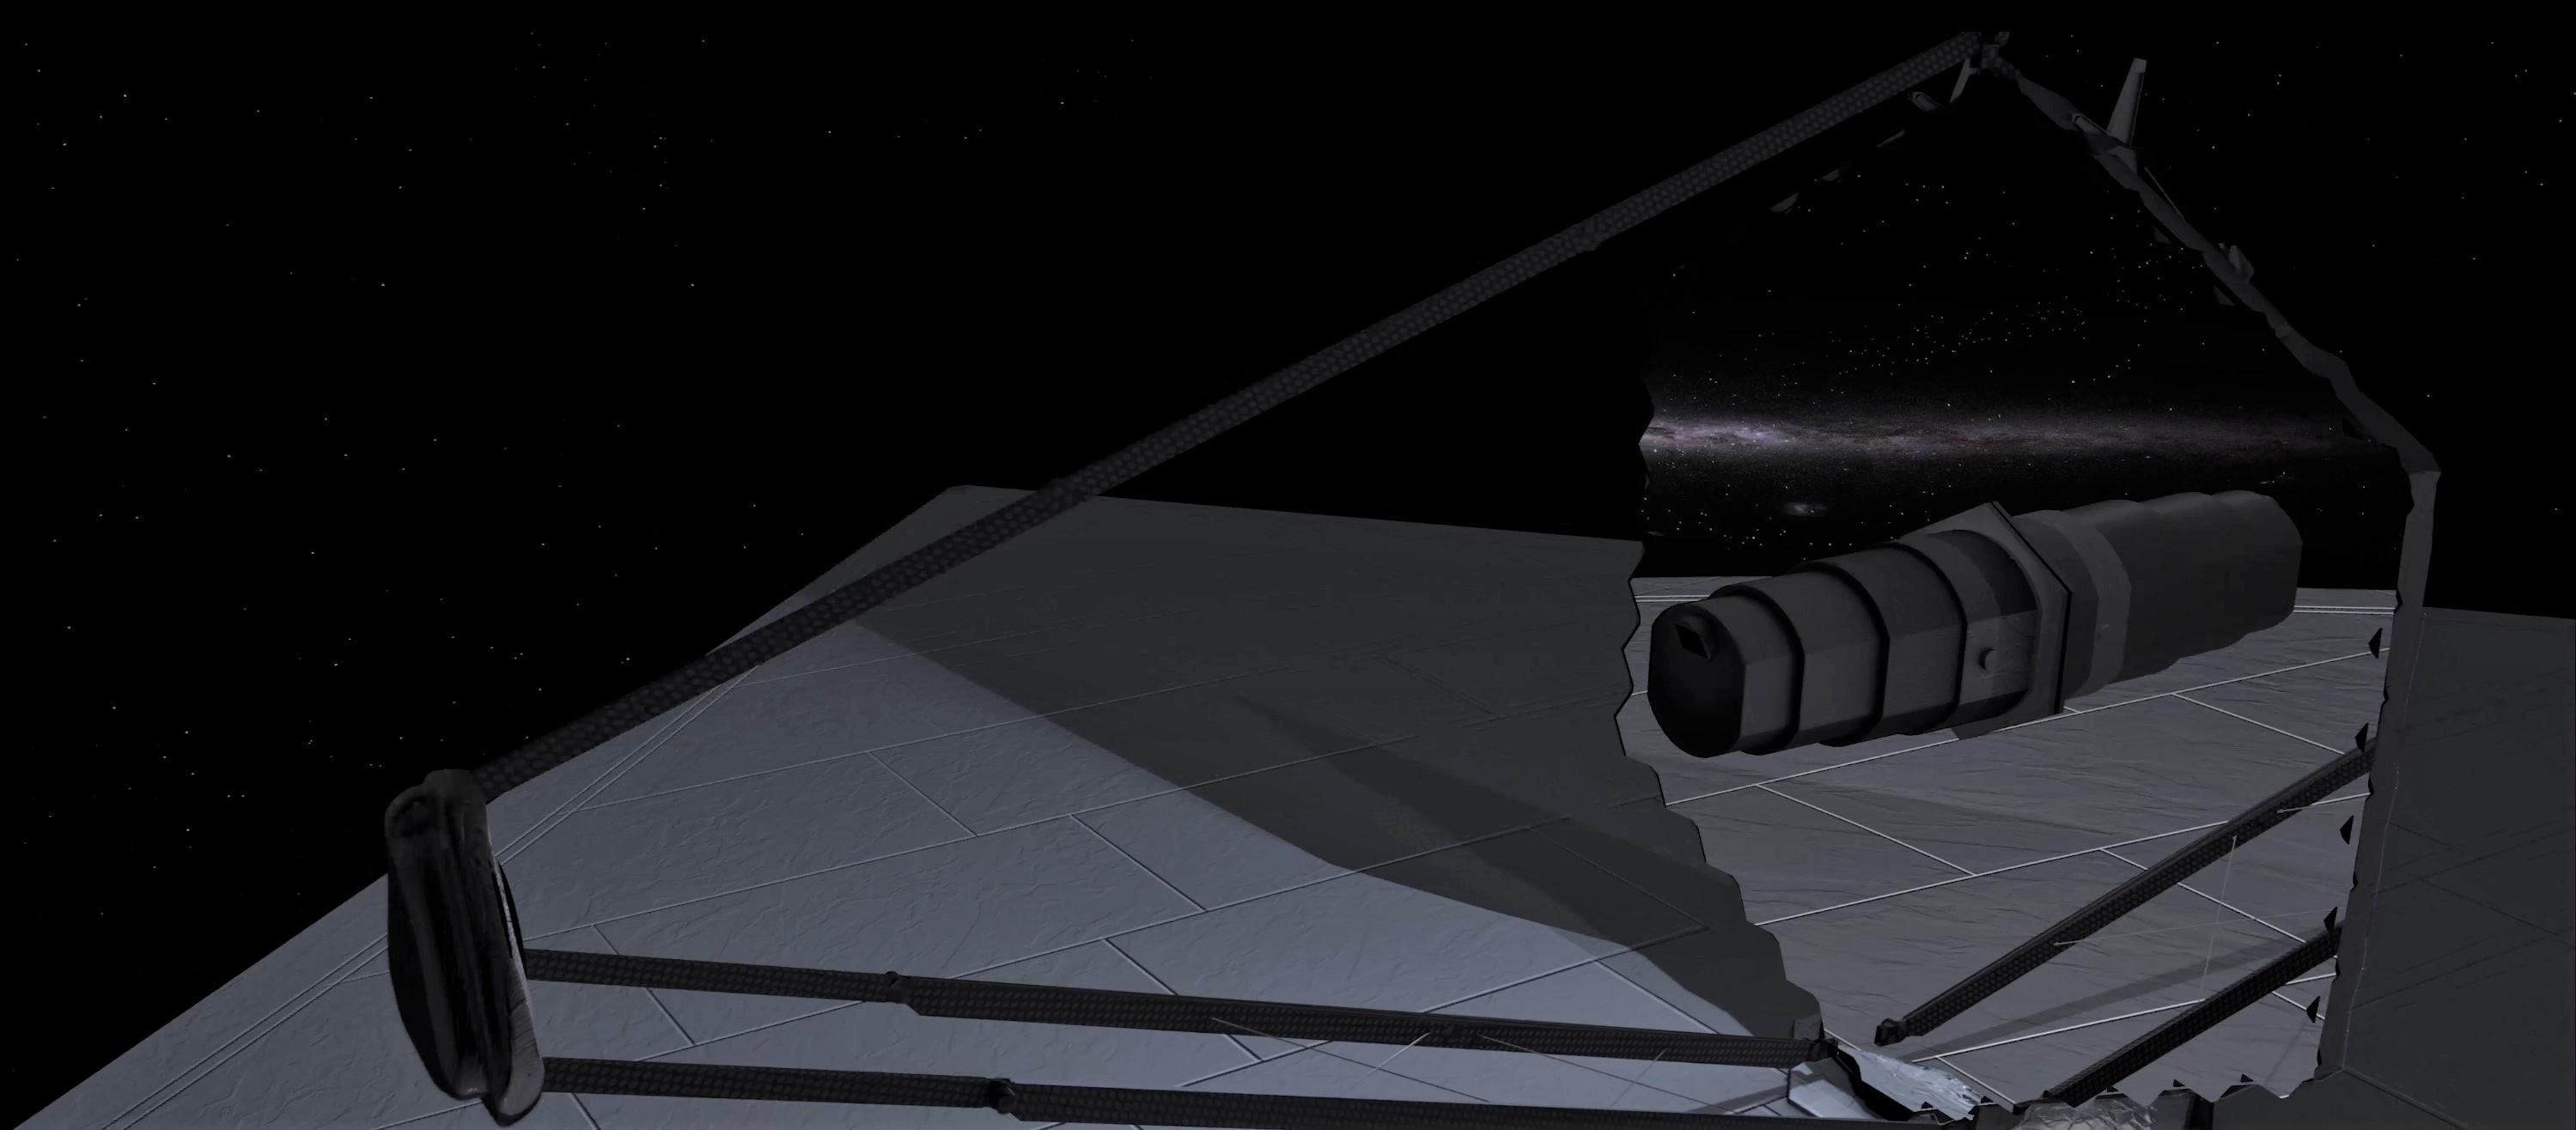 LUVOIR render (NASA) 1